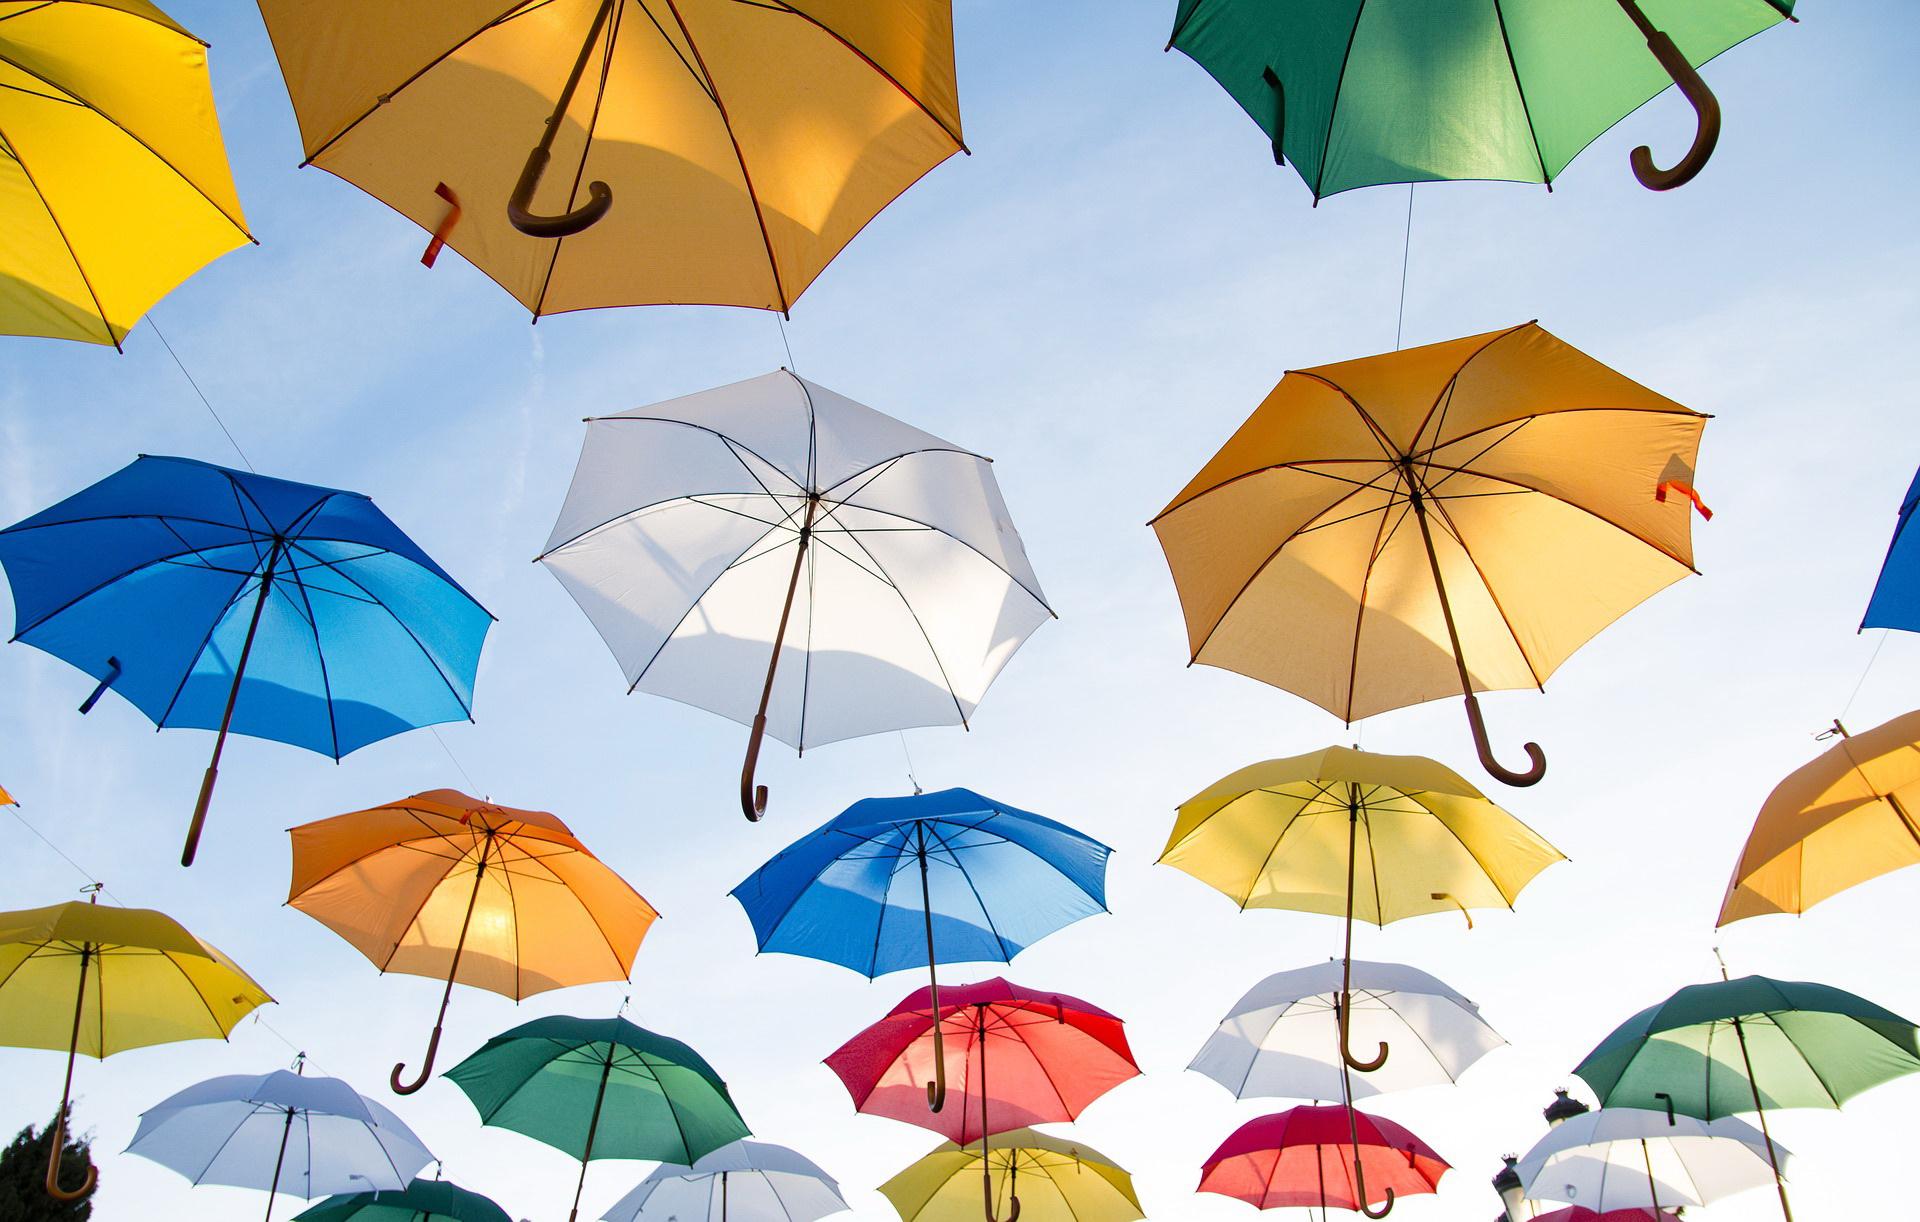 Parasol zagadka edukacyjna dla dzieci